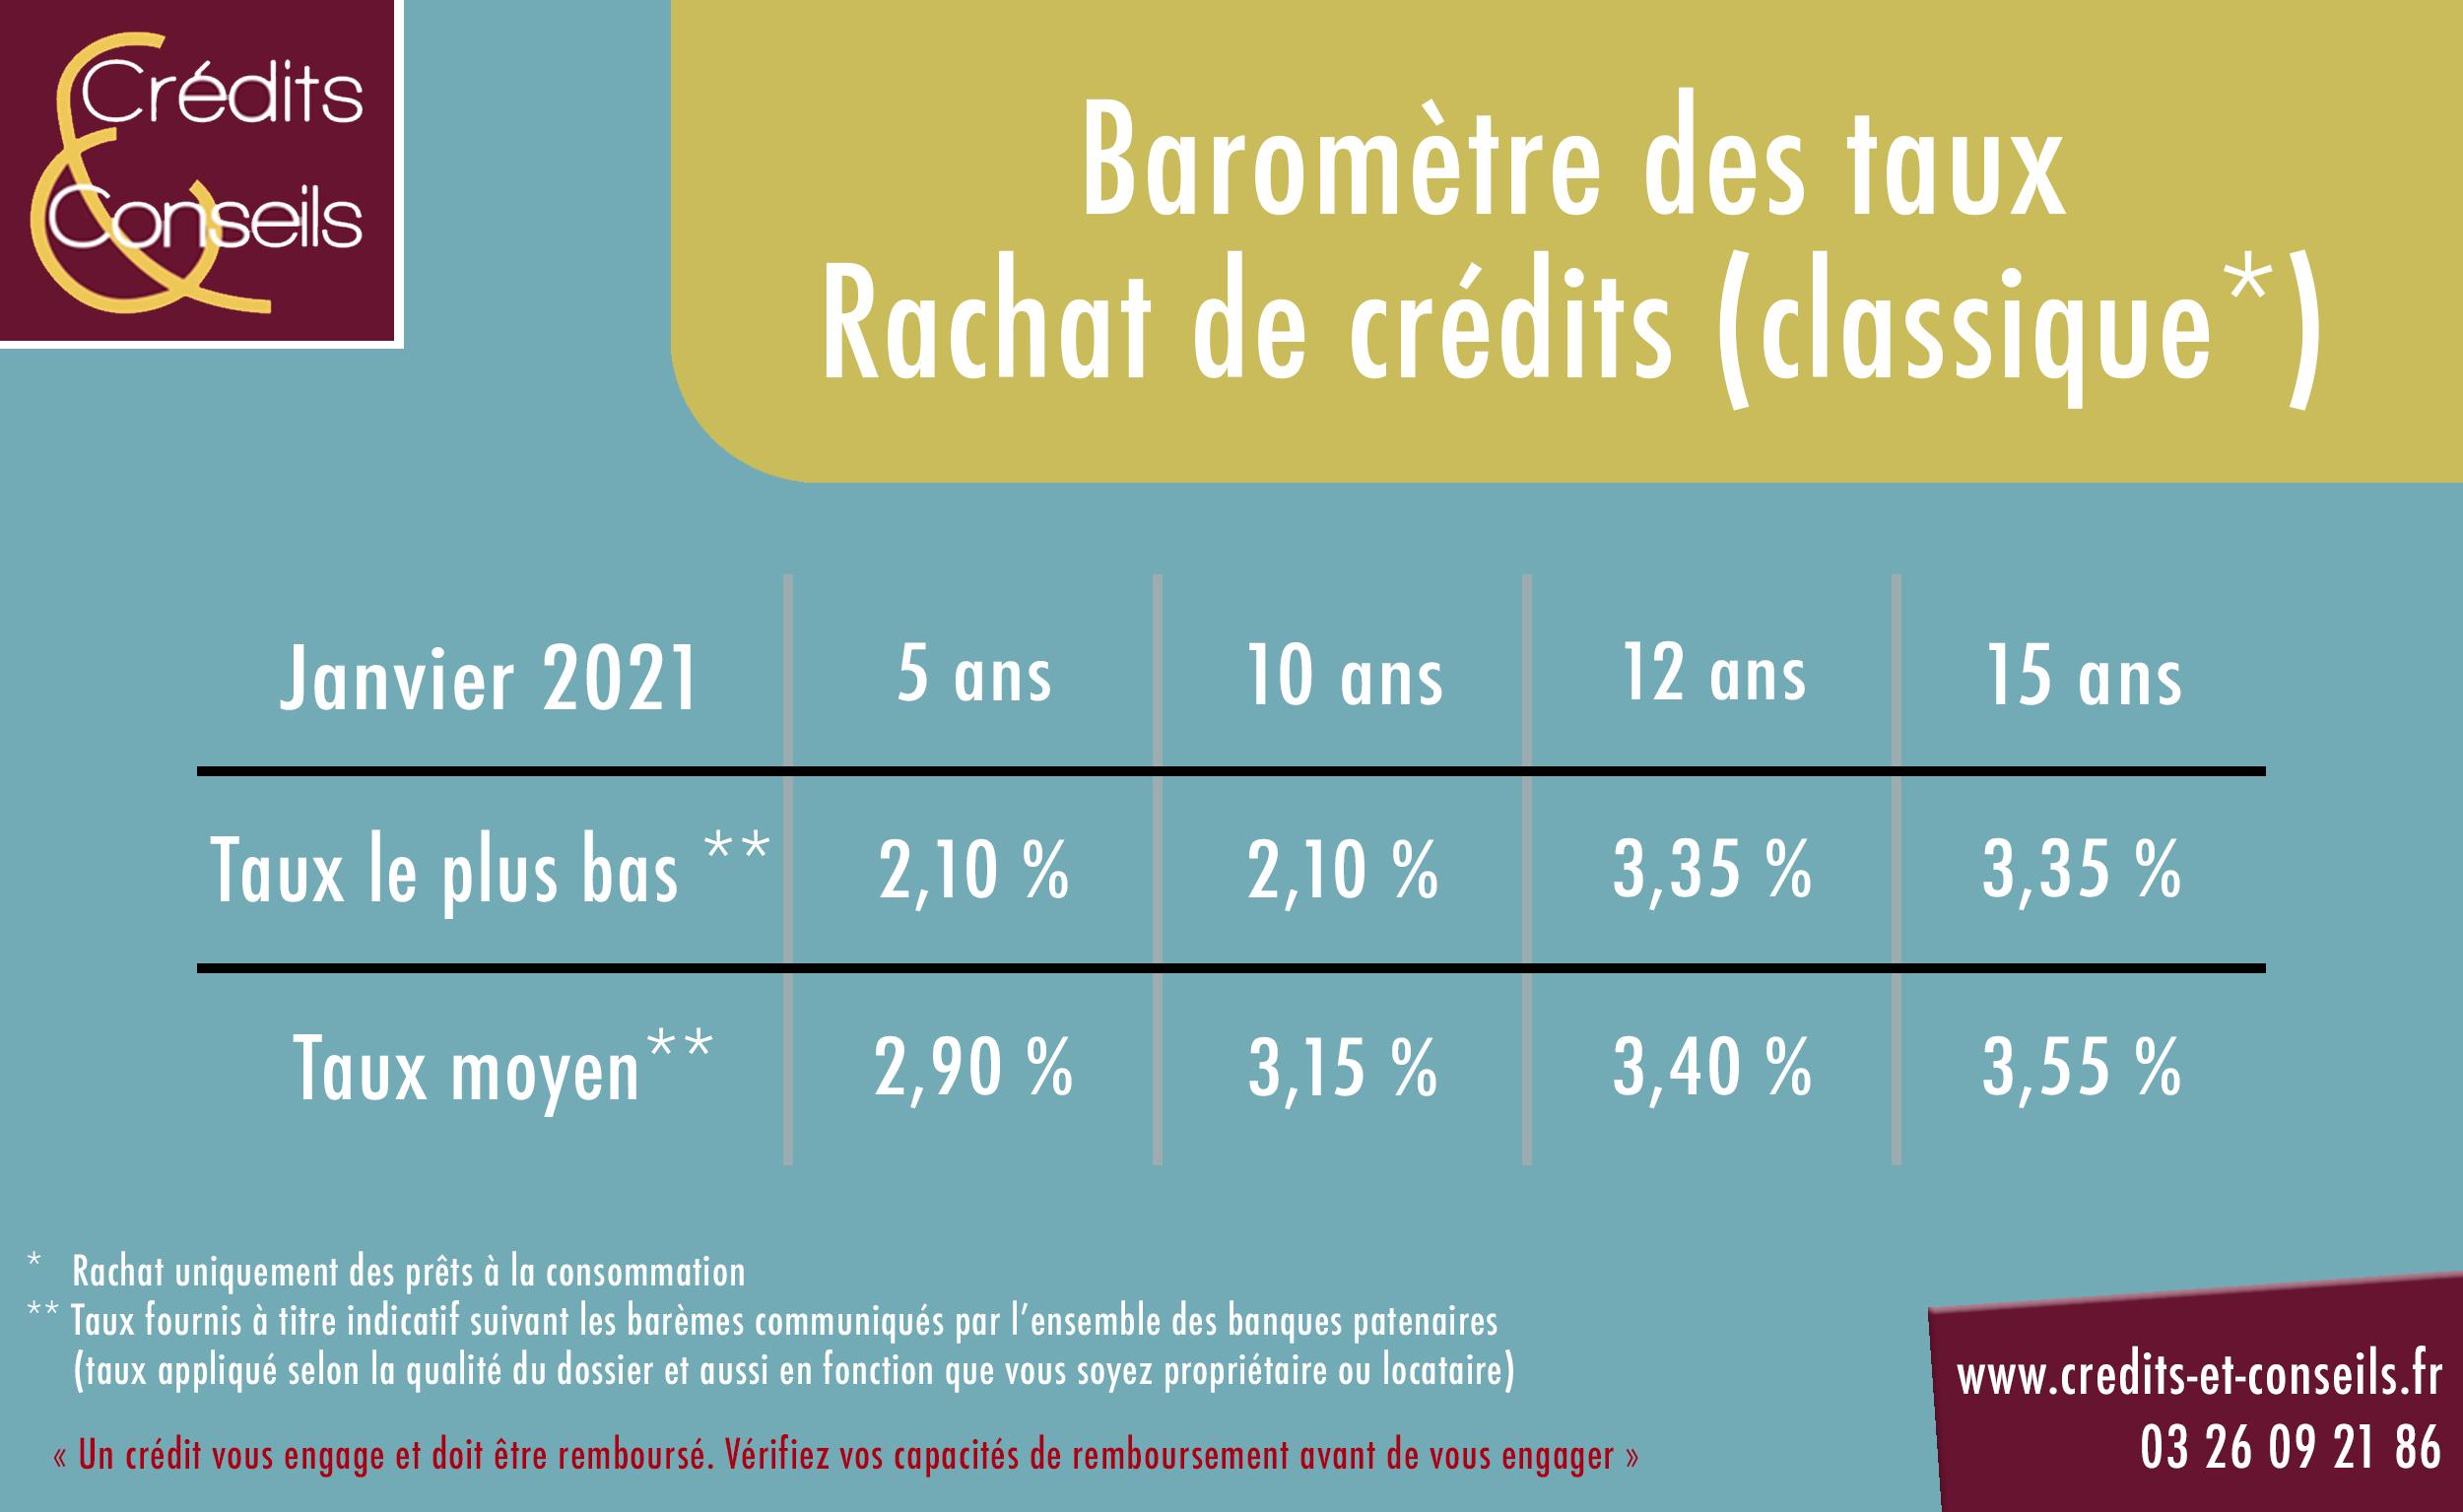 Baromètre des taux rachat de crédits classique Janvier 2021